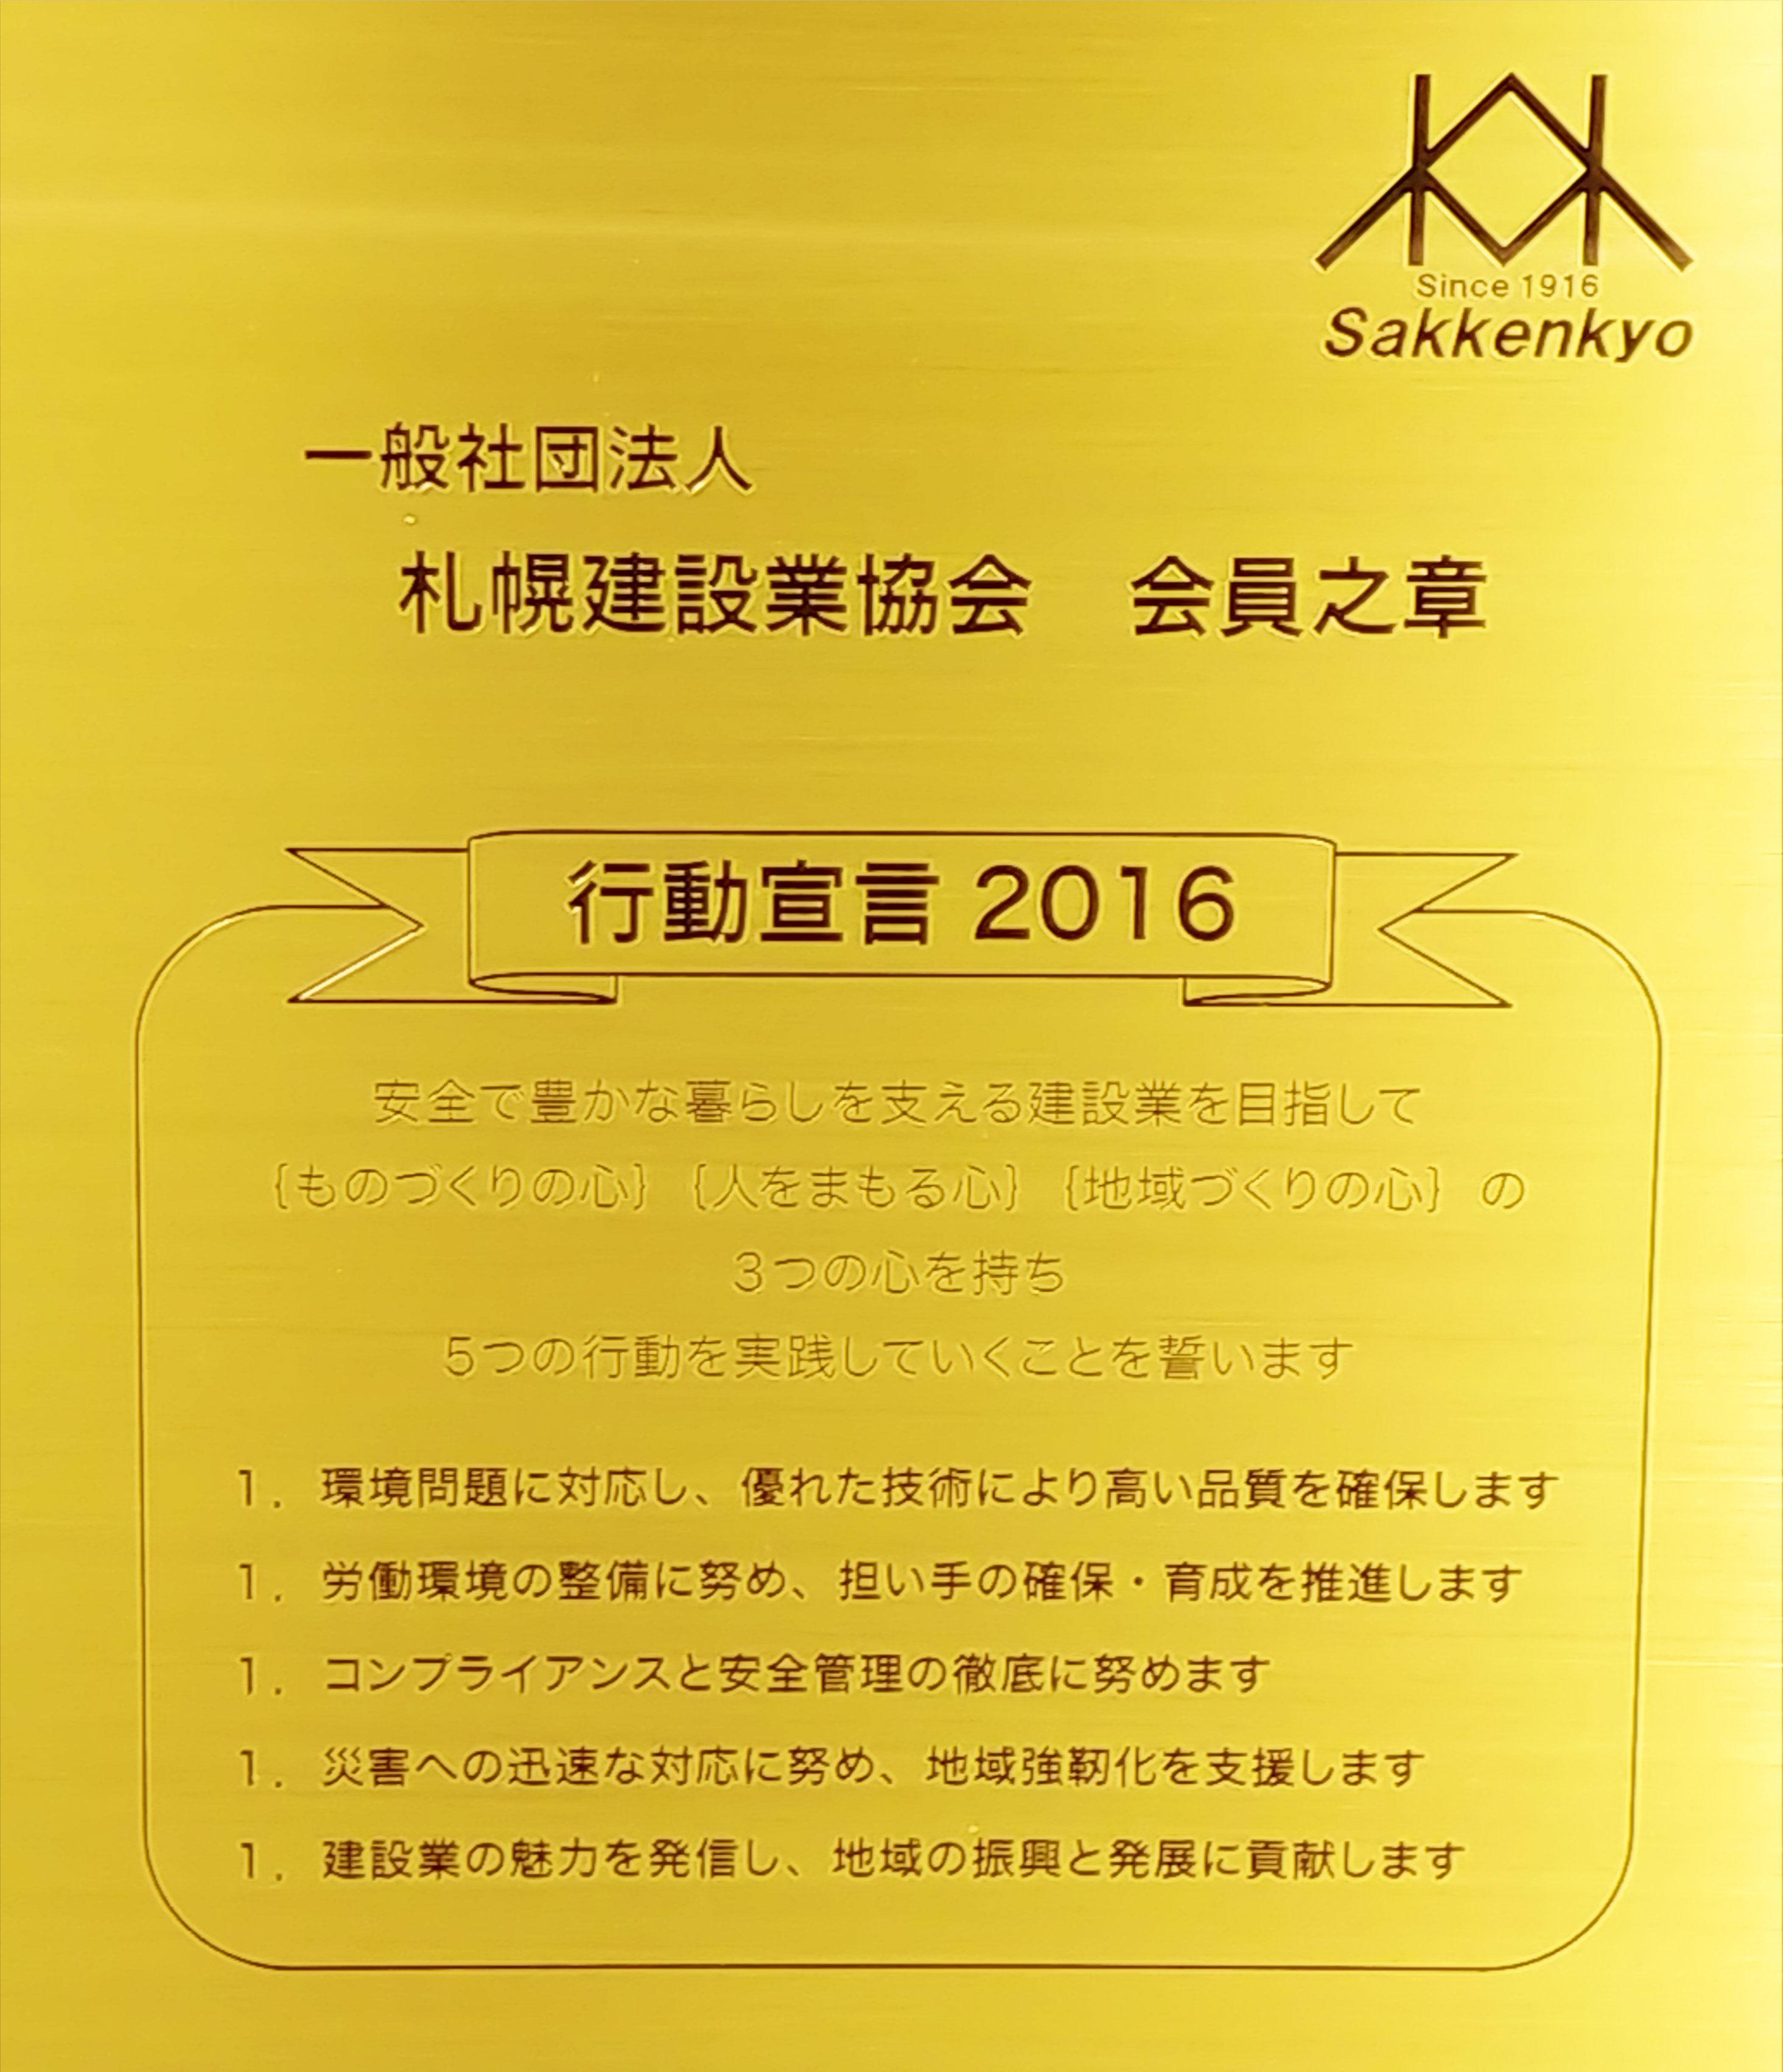 札幌建設業協会 会員之章 修正